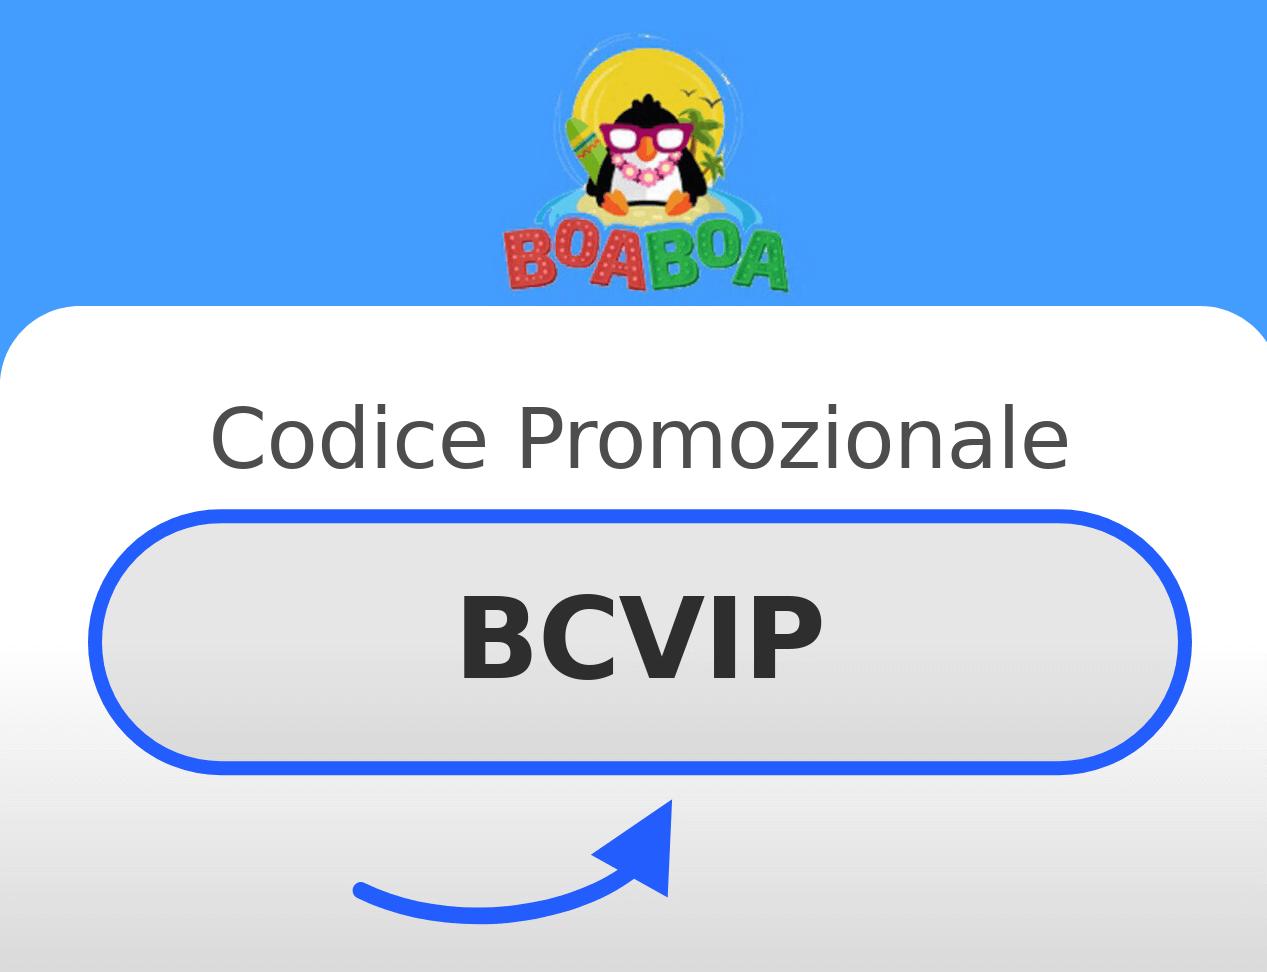 Codice promozionale BoaBoa Casino